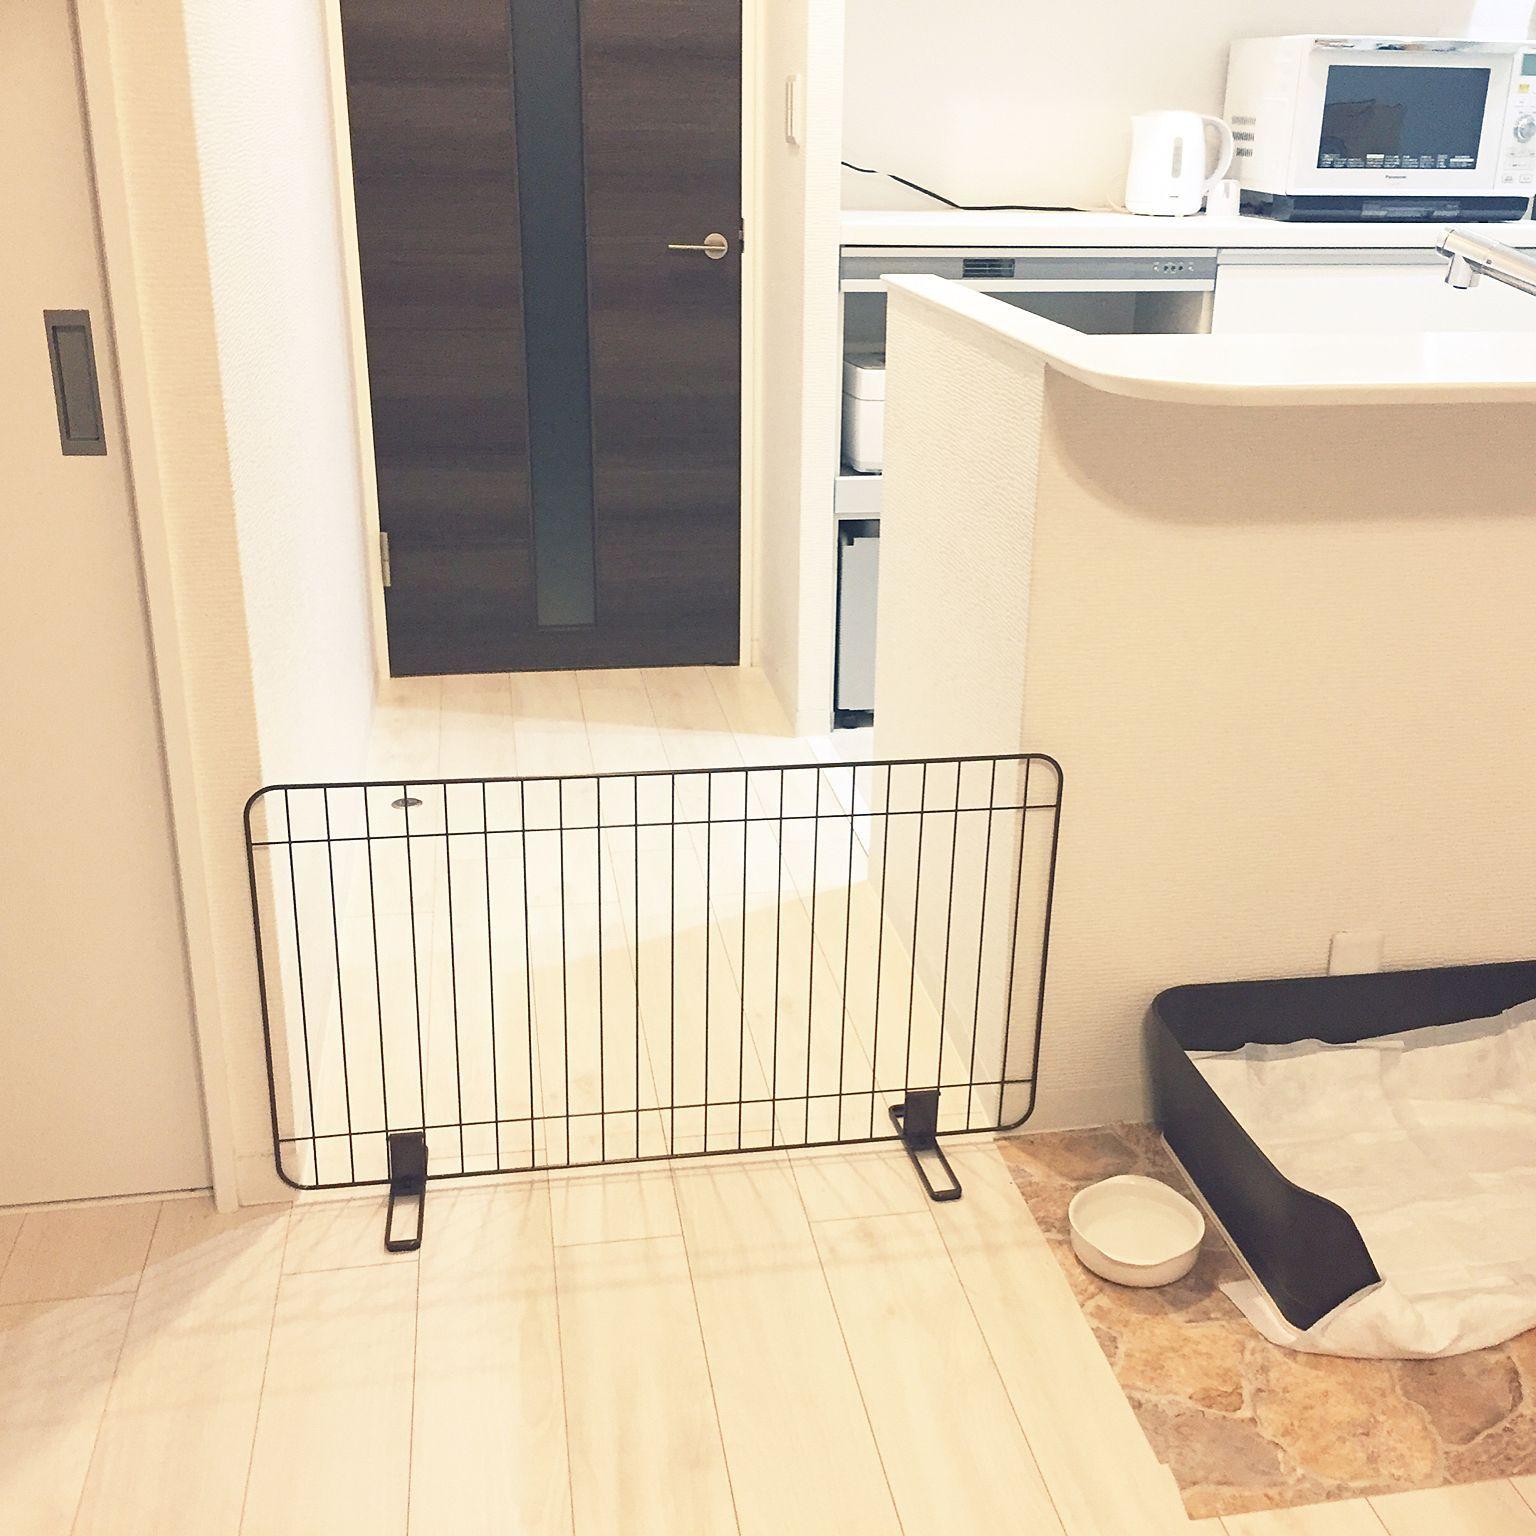 リビング 楽天で買ったもの 犬のトイレ ペットフェンス カウンター下に犬のトイレスペース などのインテリア実例 2017 08 07 23 17 39 Roomclip ルームクリップ 犬のトイレ インテリア インテリア 実例